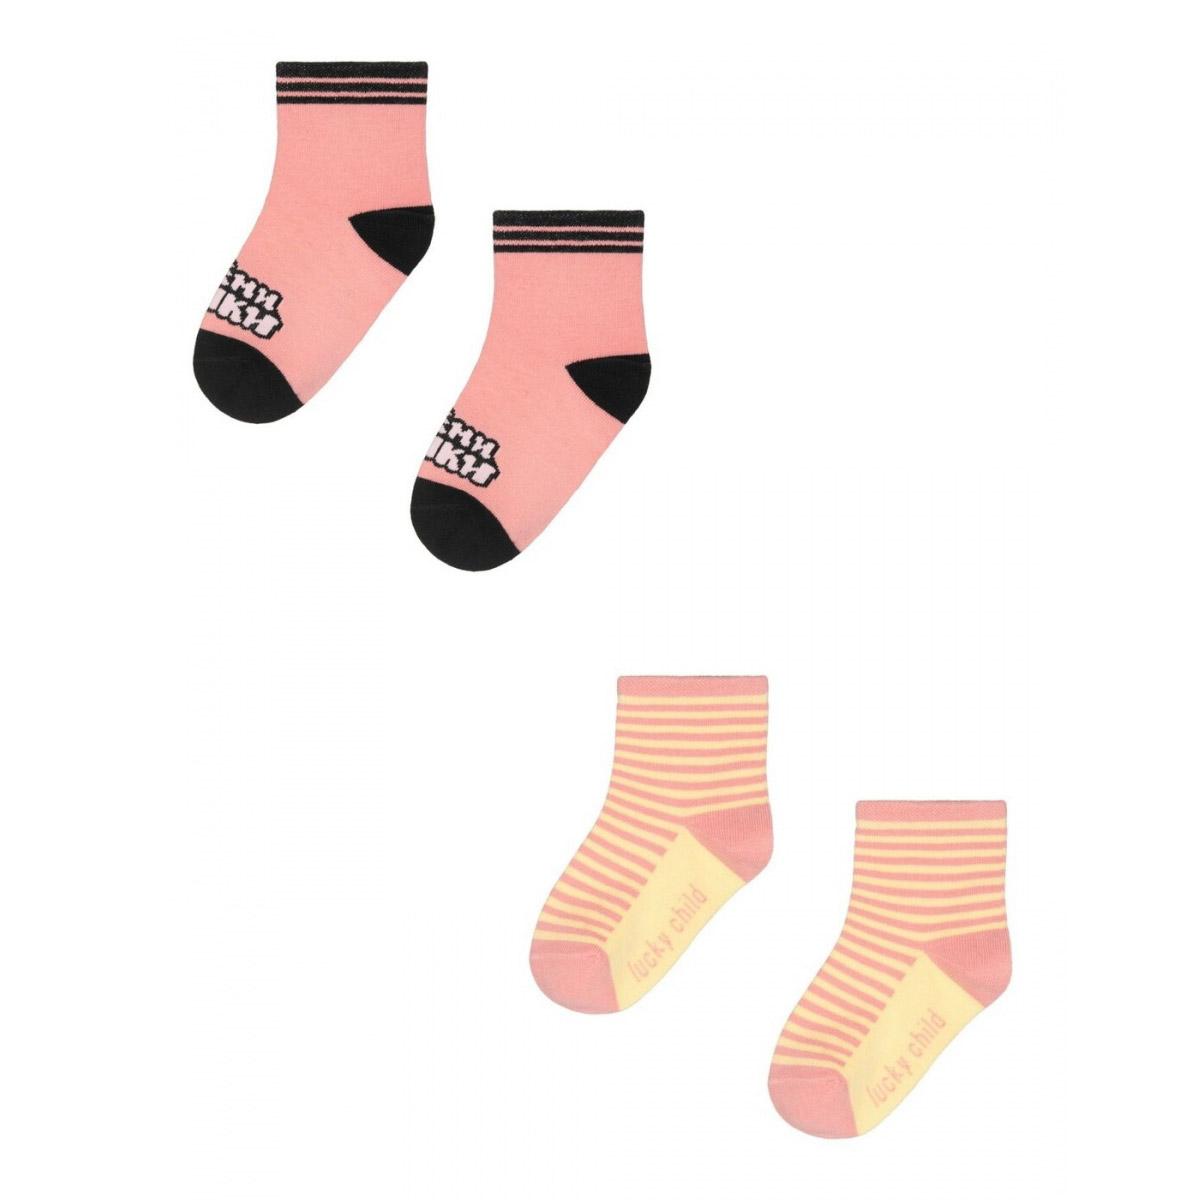 Купить Комплект носков Lucky Child МИ-МИ-МИШКИ розовый 2 шт 1618, Розовый, Кашкорсе, Для девочек, Всесезонный,